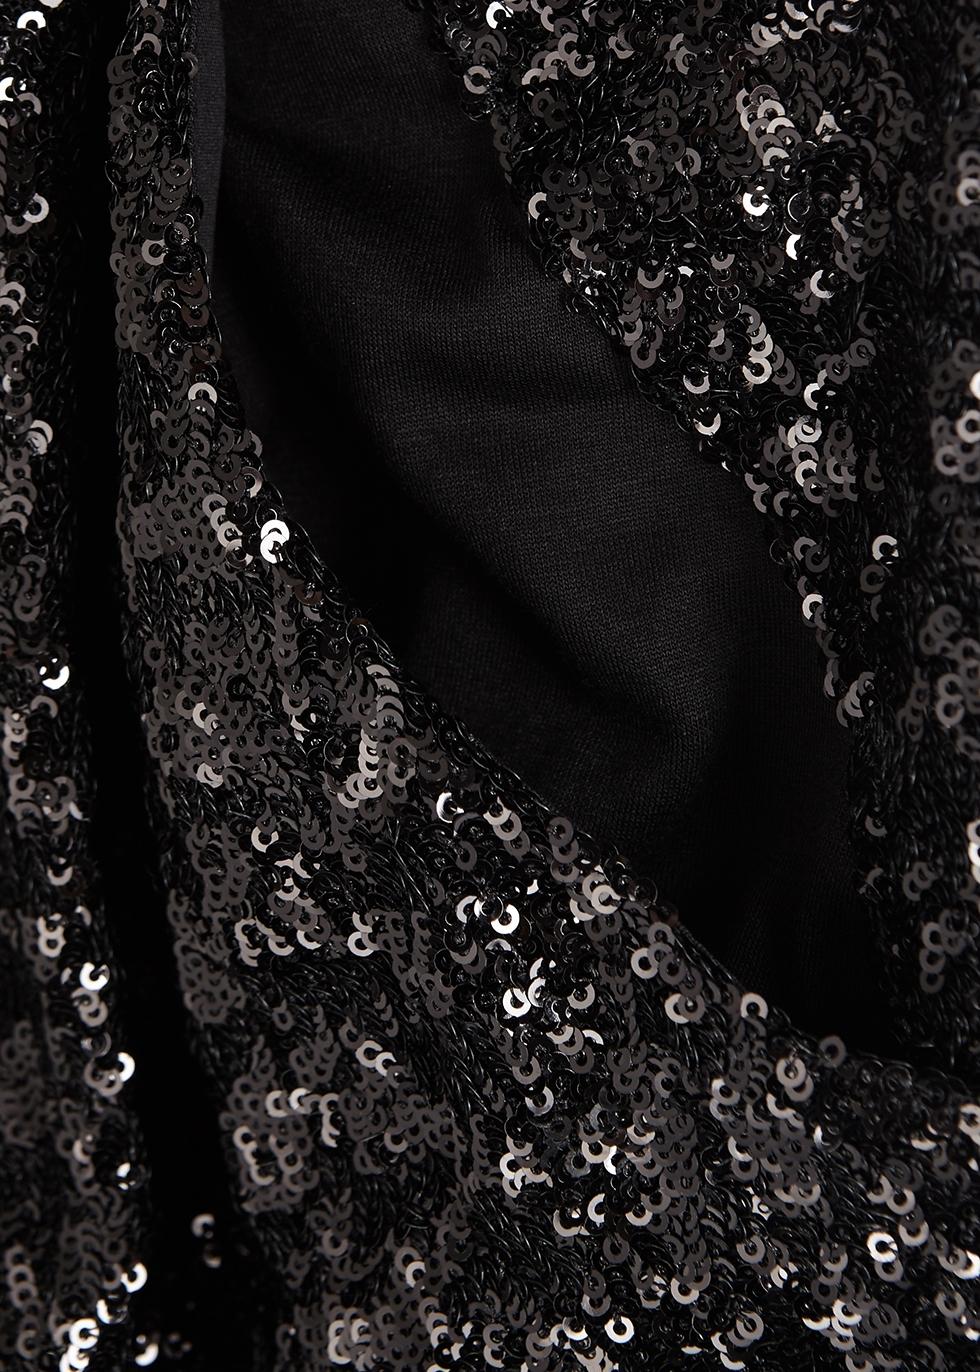 Orta black sequin shorts - Isabel Marant